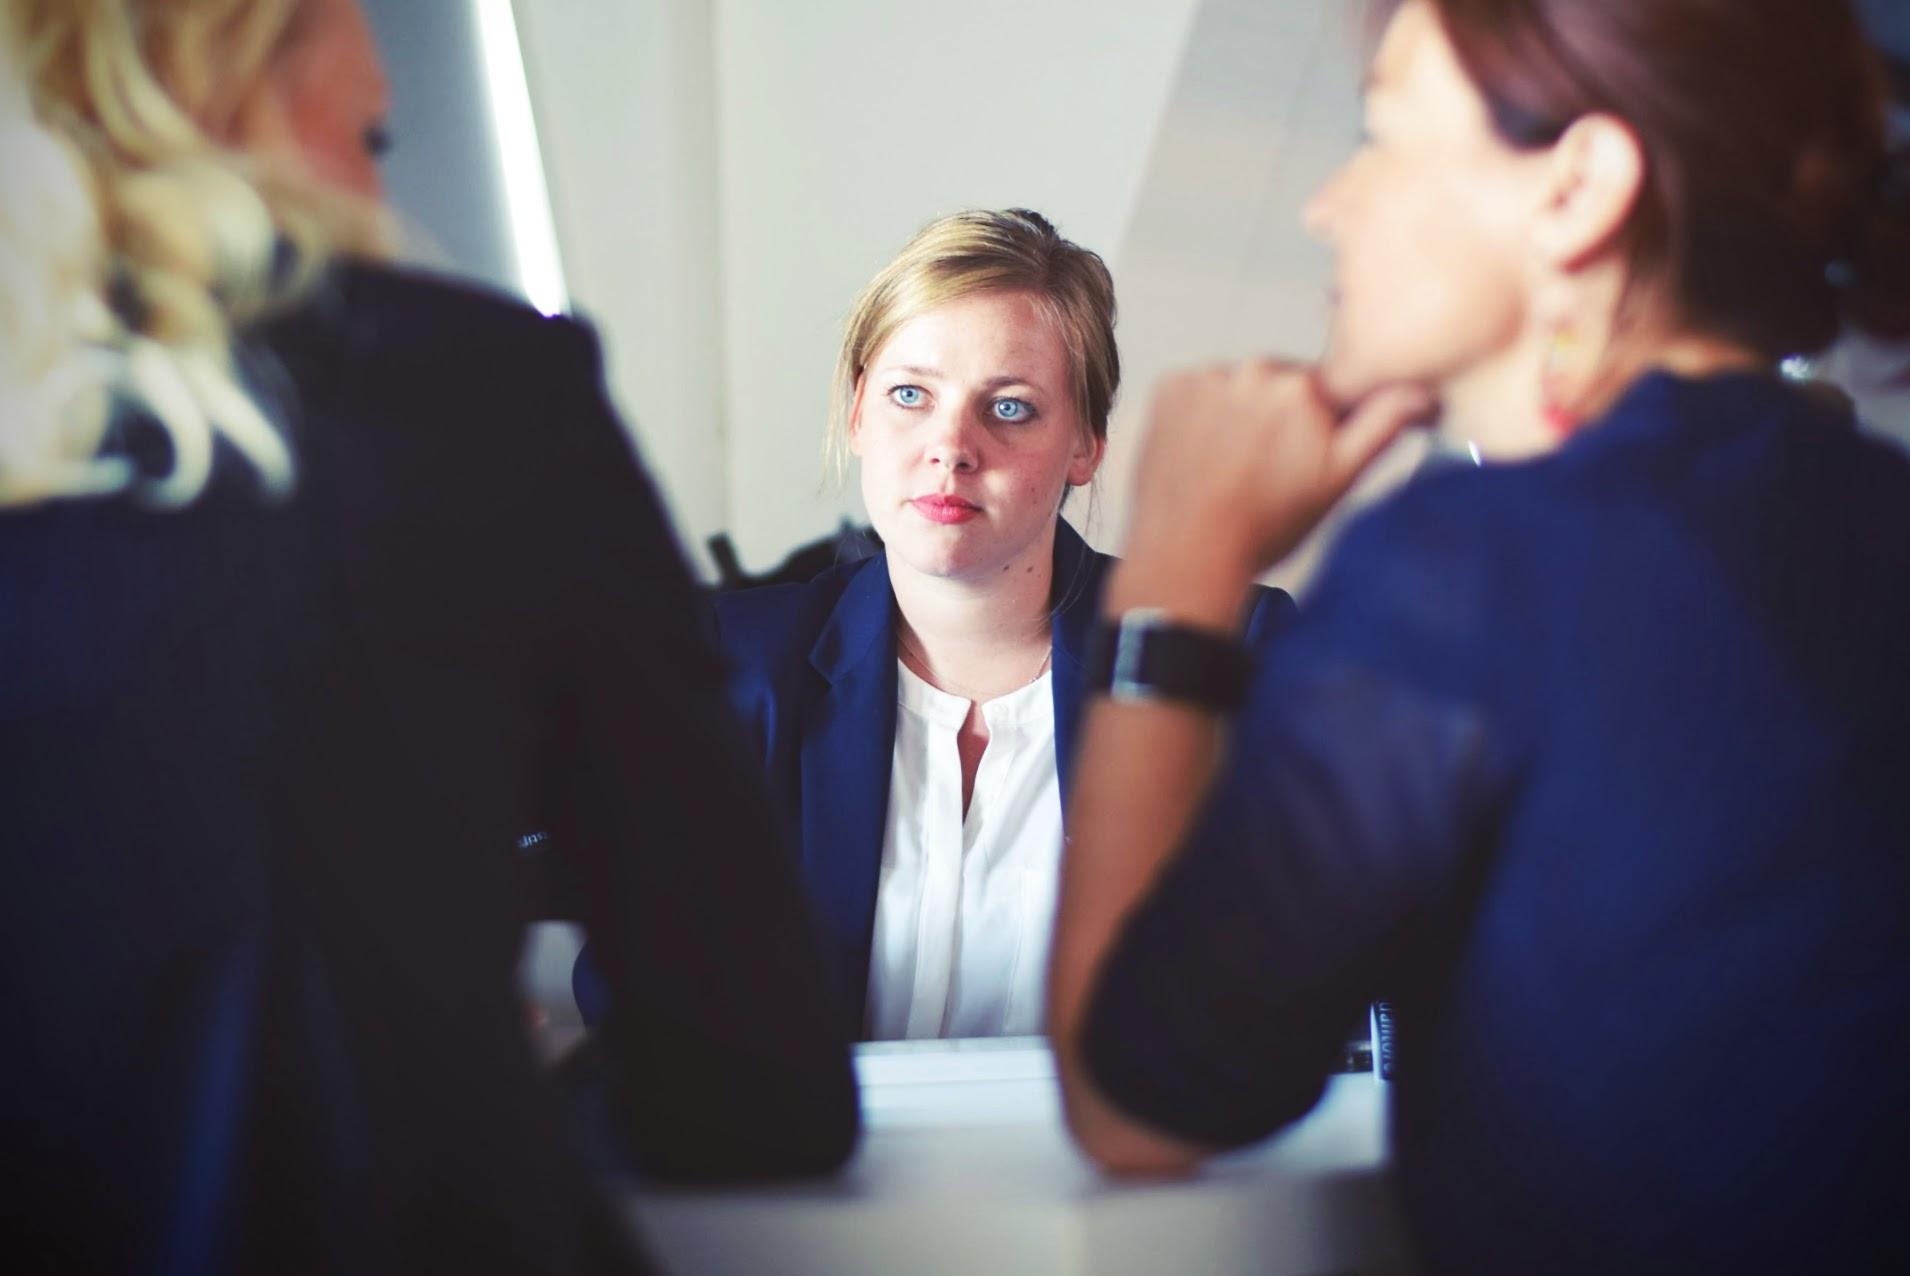 Nie zaczynaj w pierwszych słowach od finansów ani tym bardziej od negocjacji.